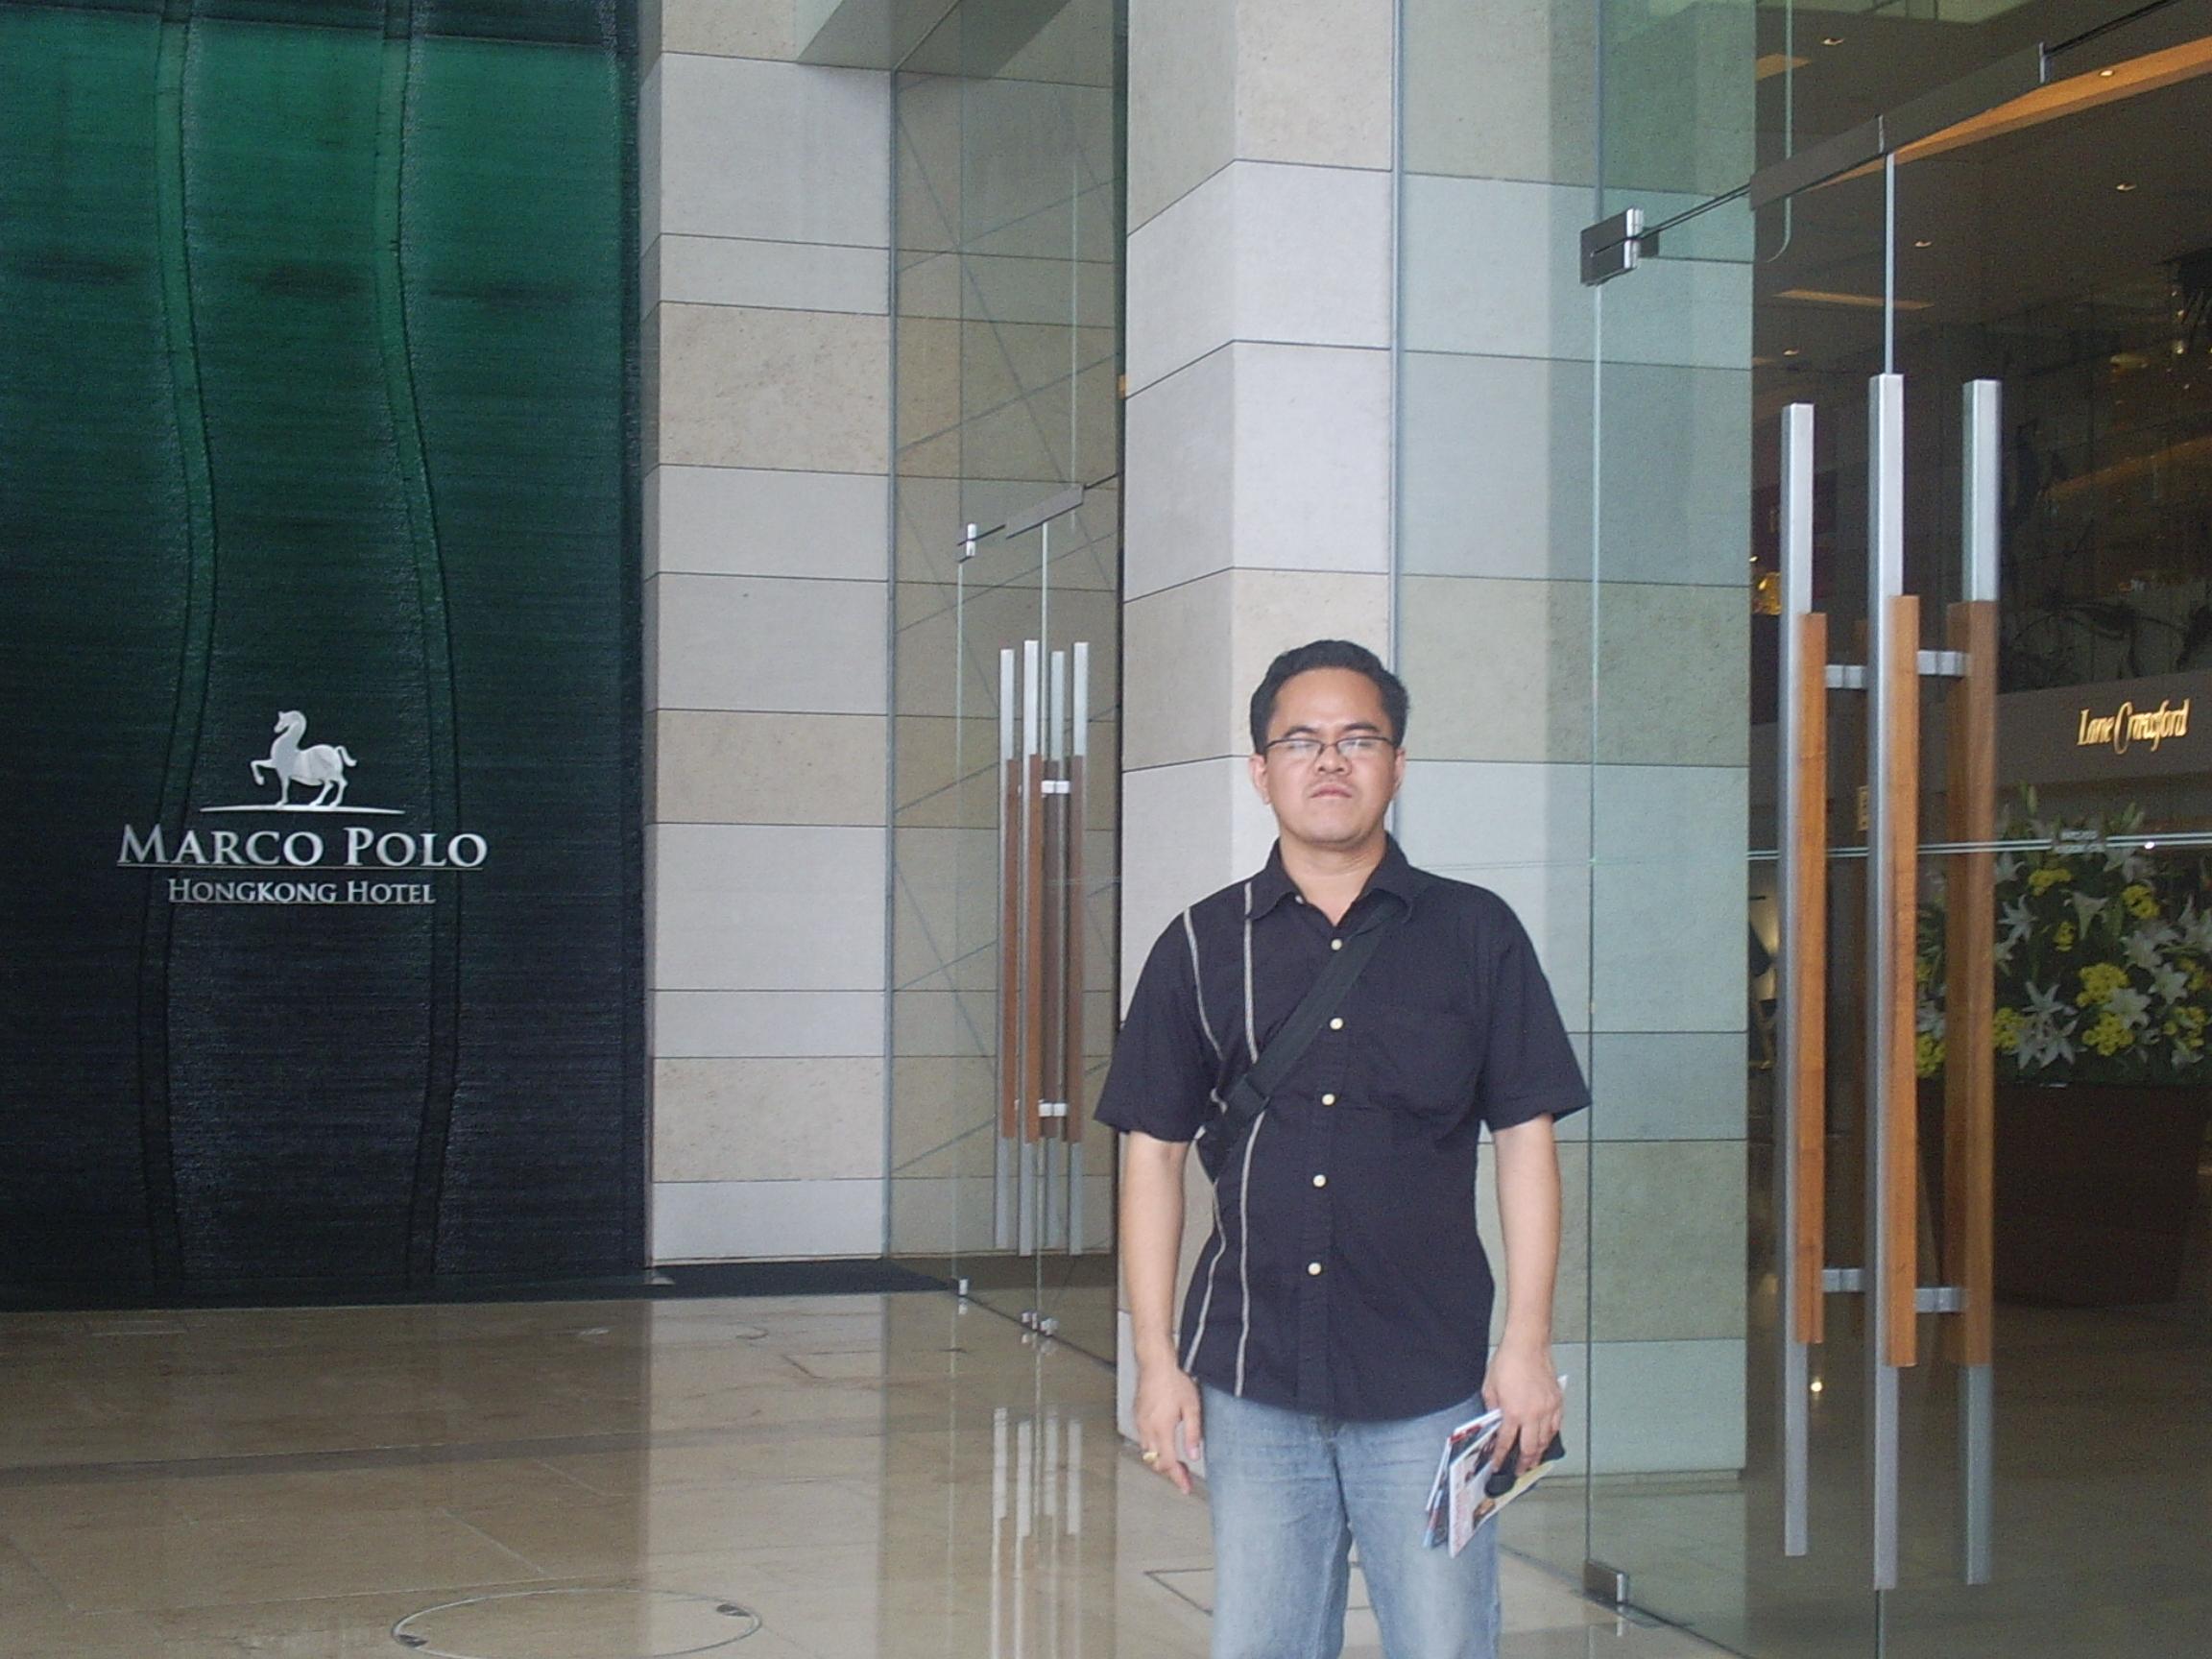 hotel entrance - marco polo